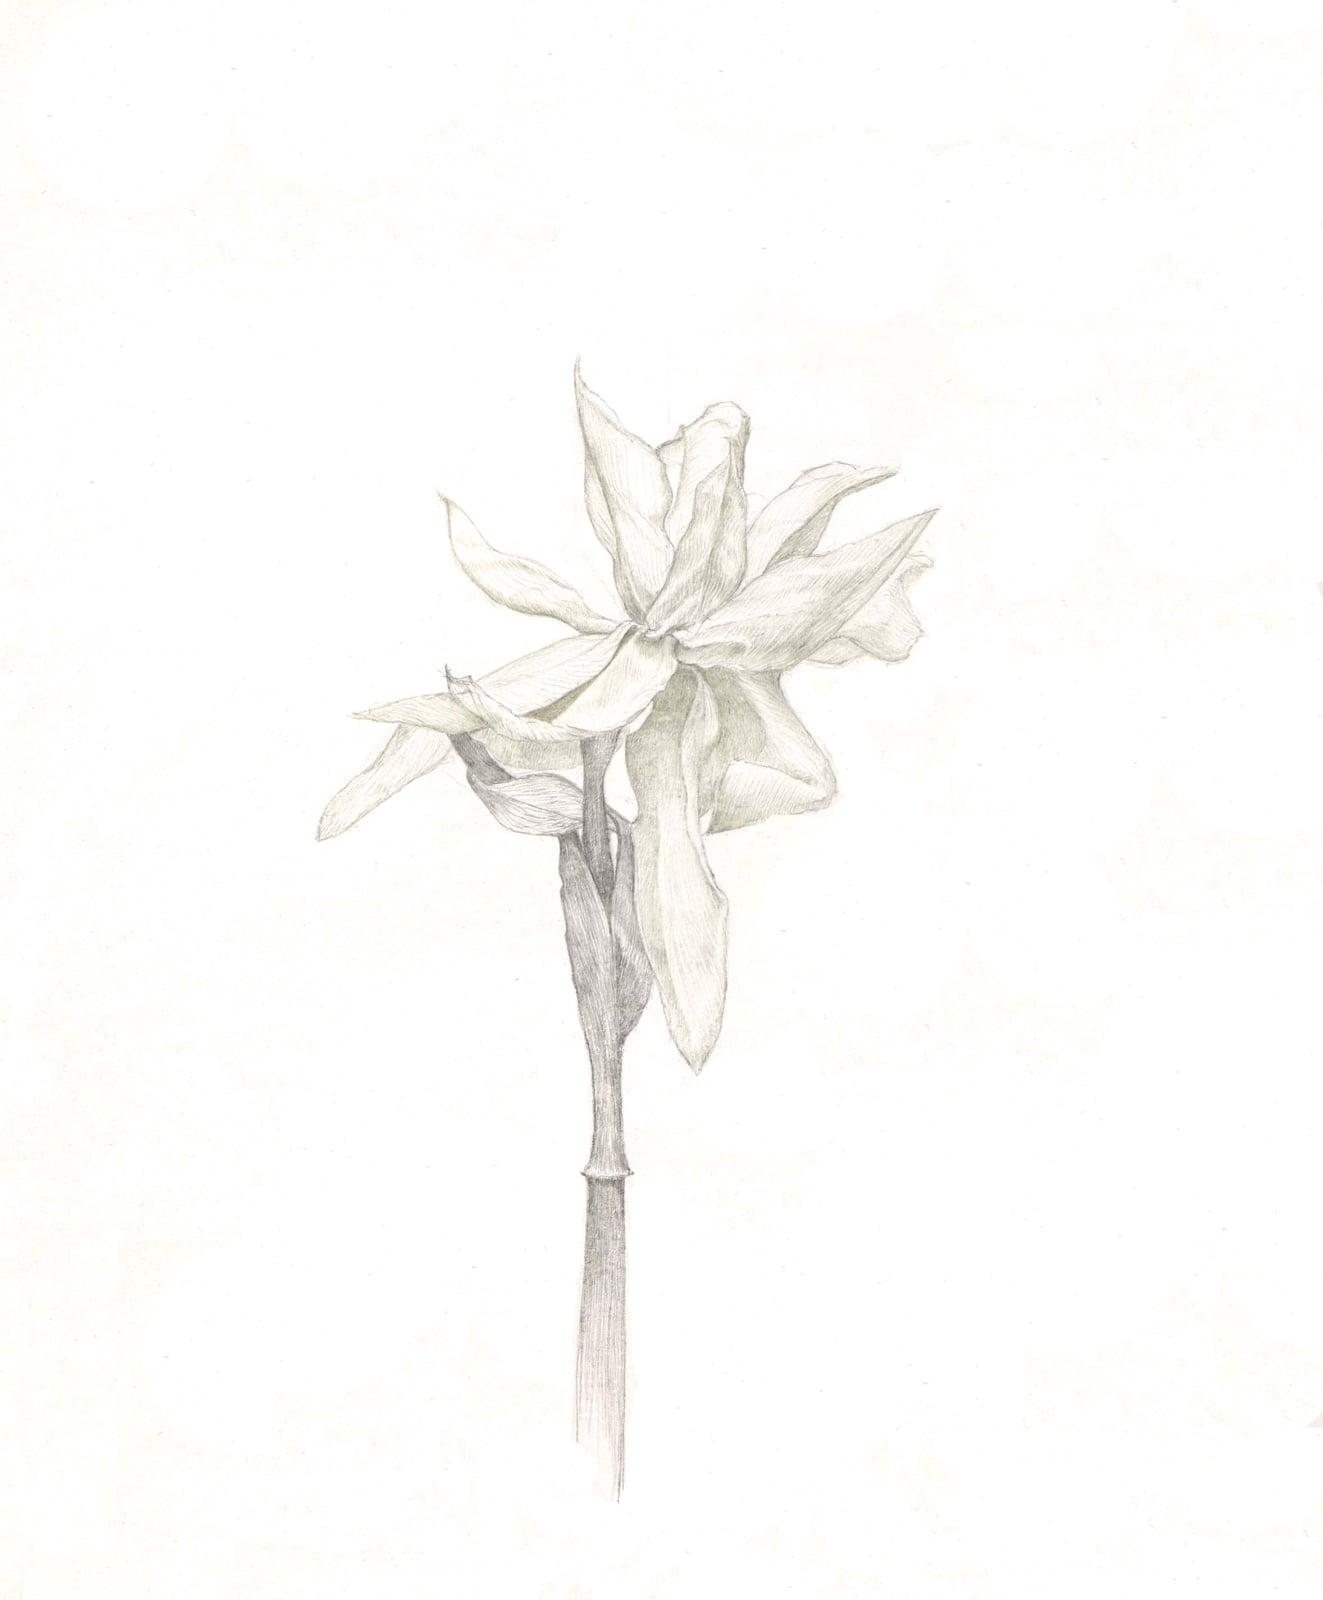 Marjorie Williams-Smith, Daffodil in Copper, 2010